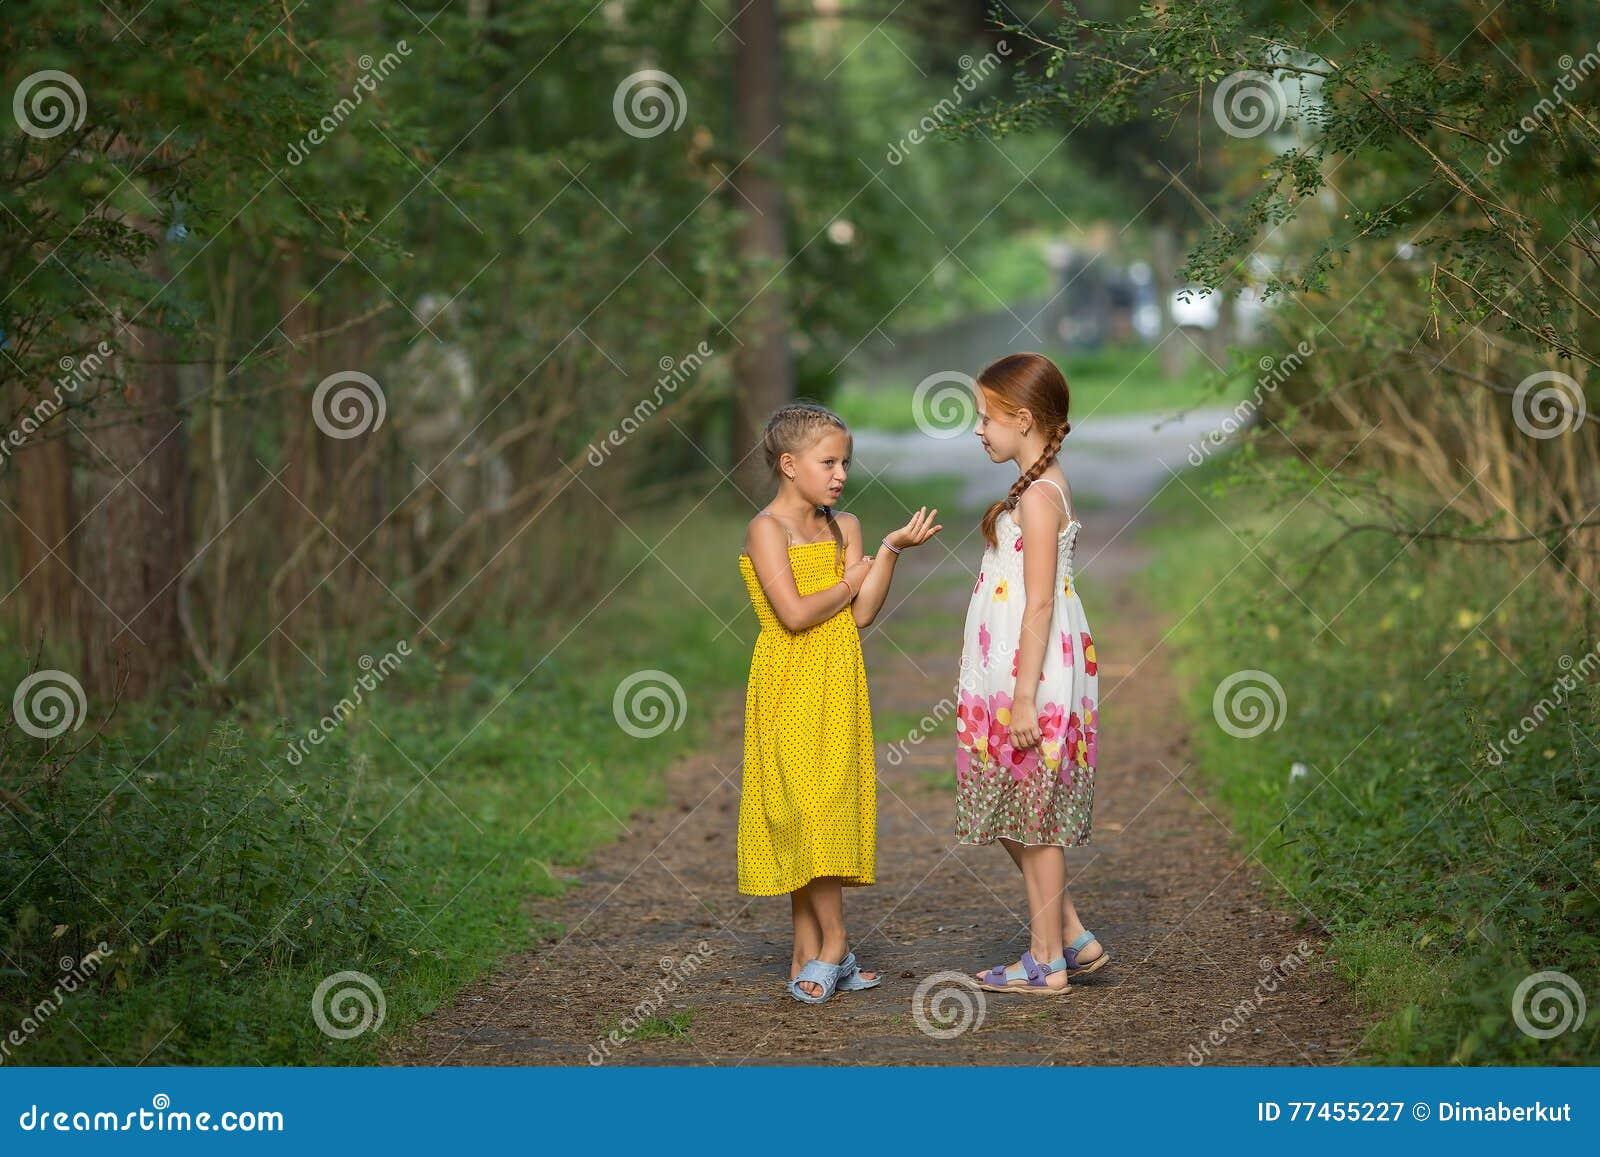 Μικρά κορίτσια που μιλούν αναστατωμένα τη στάση στην πράσινη αλέα